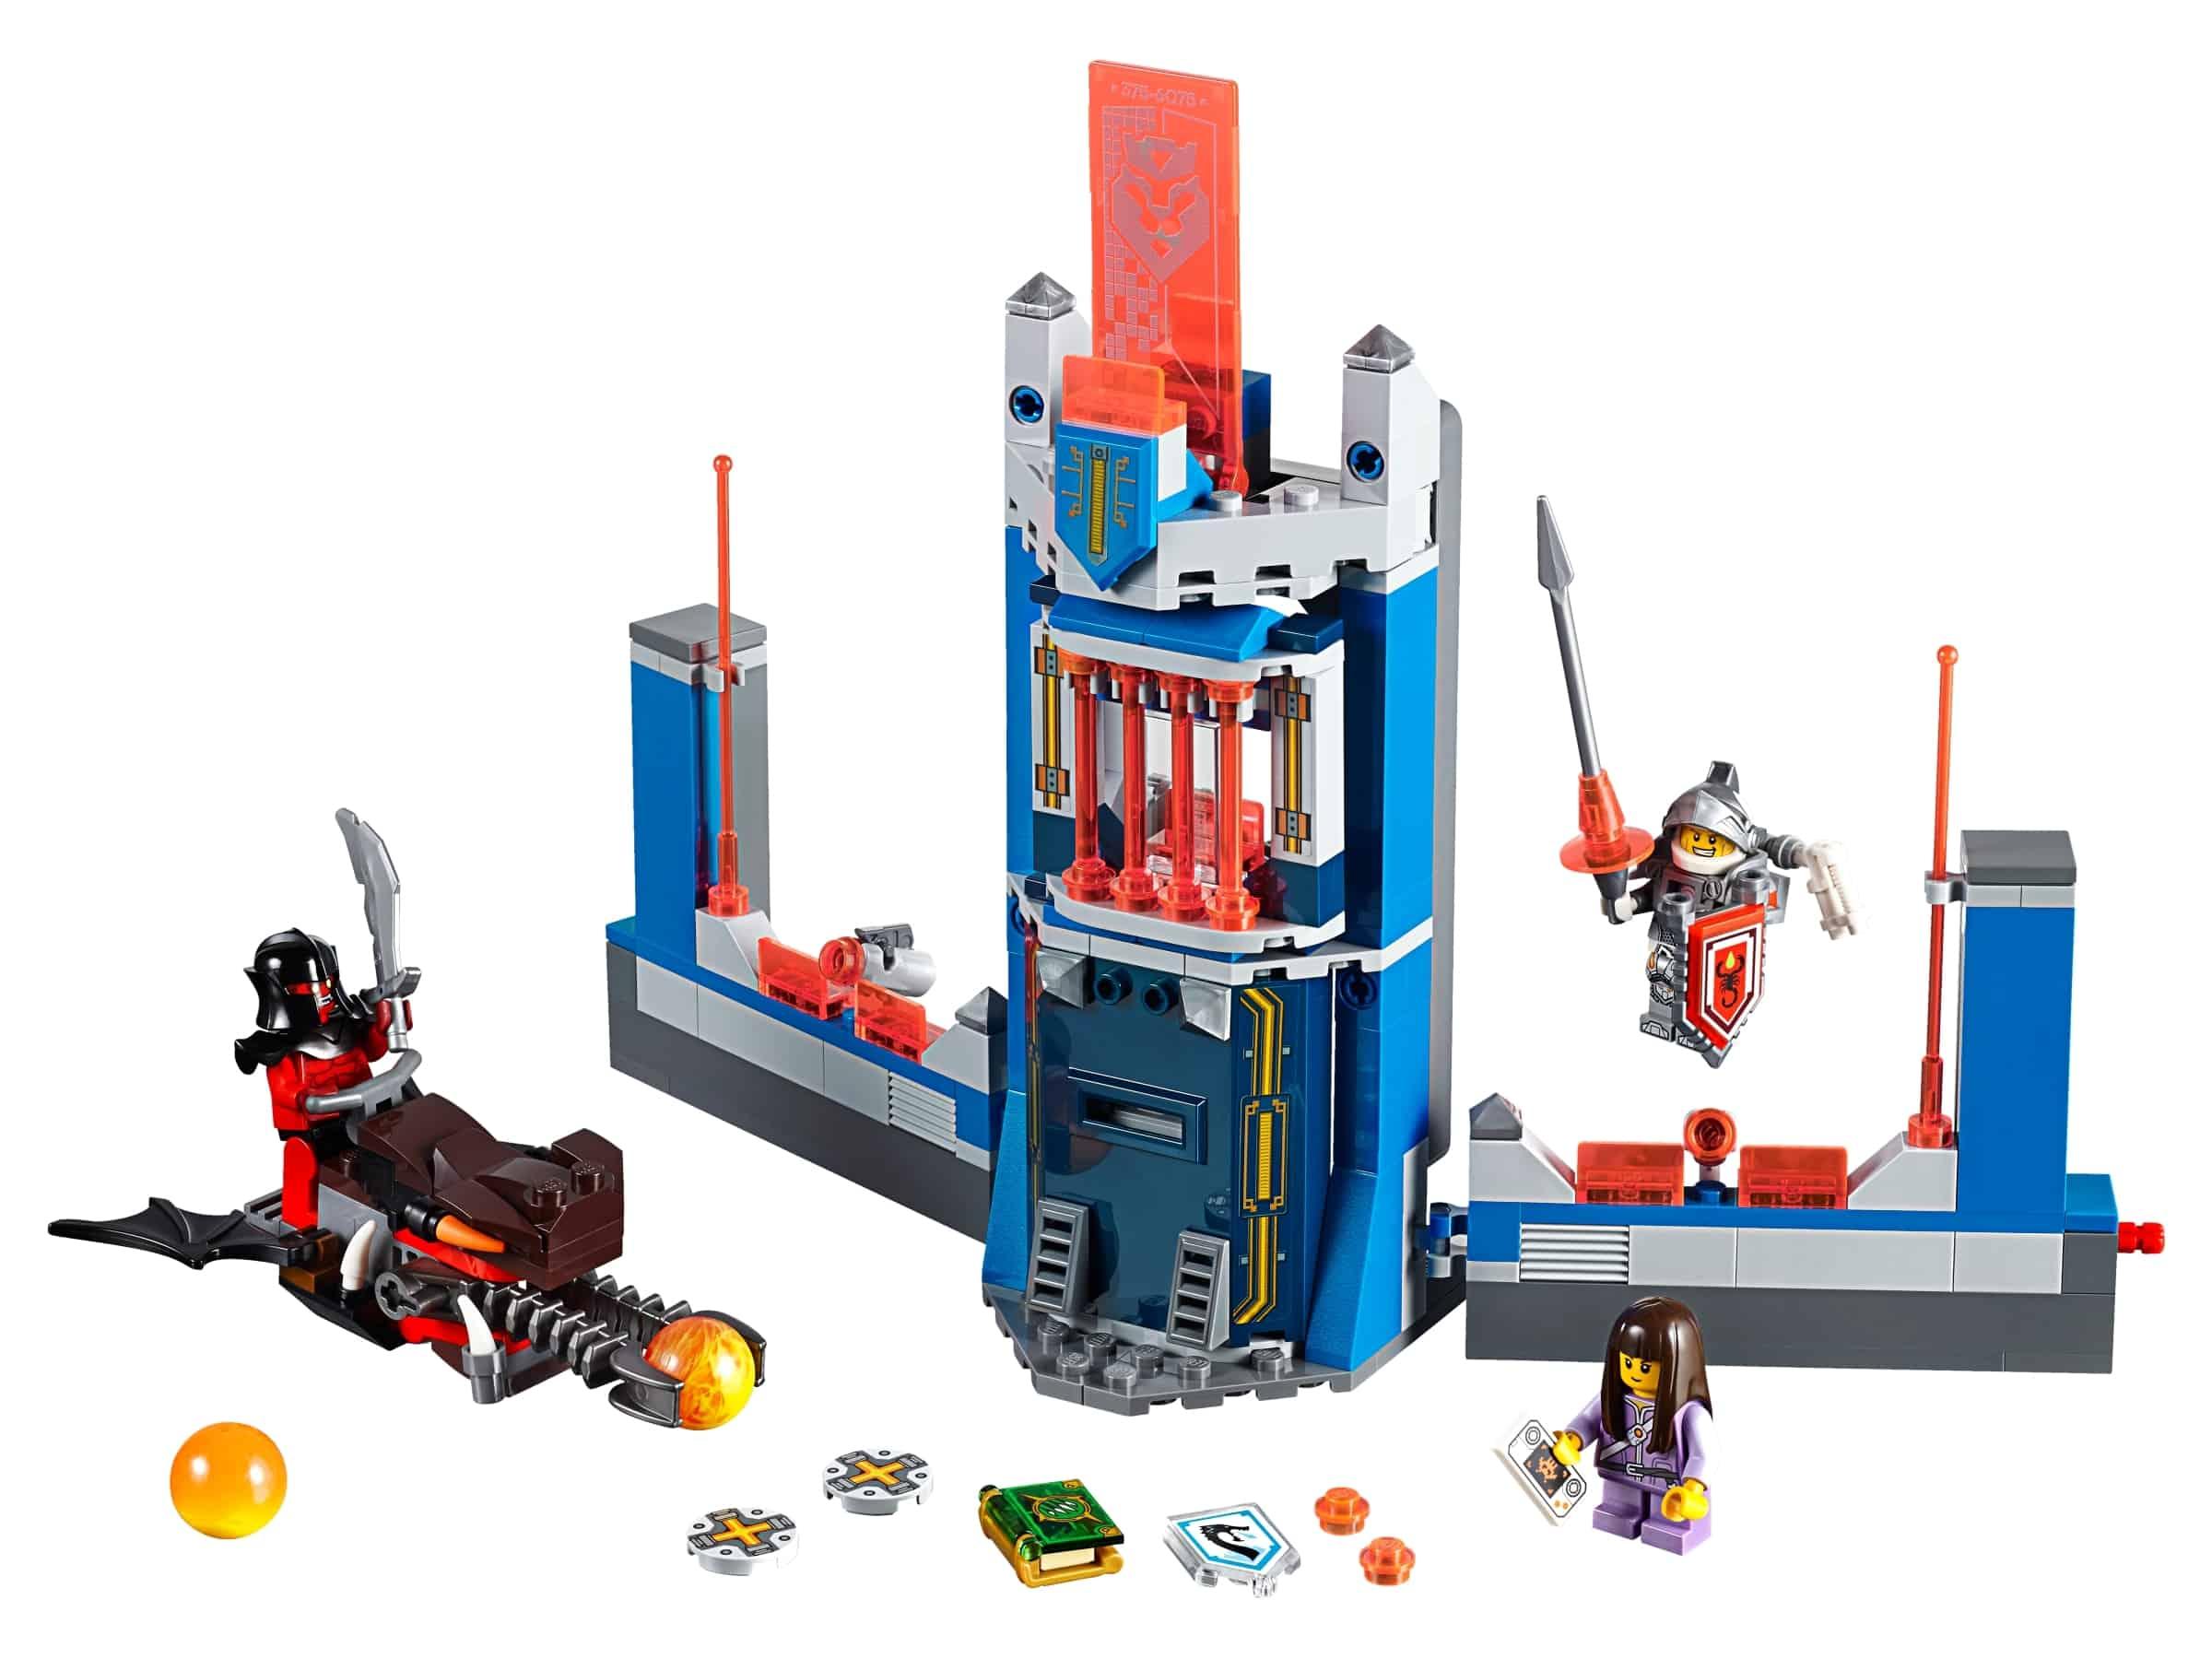 lego merlok bibliotheek 2 0 70324